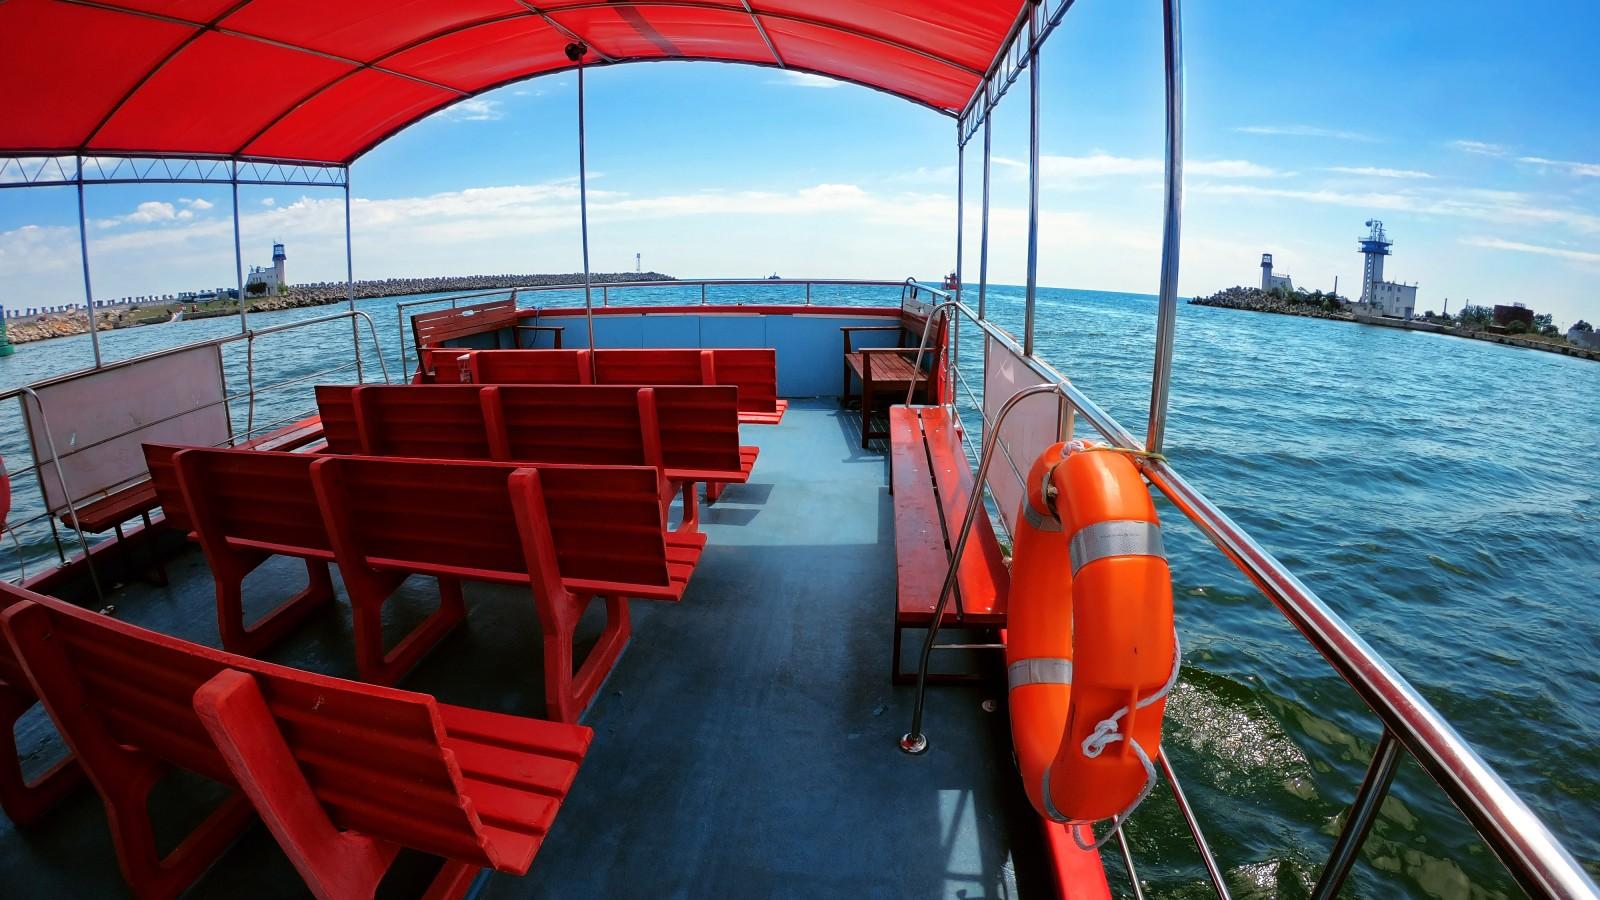 """Plimbări pe mare cu """"Corsarul"""" din Portul Turistic Mangalia"""